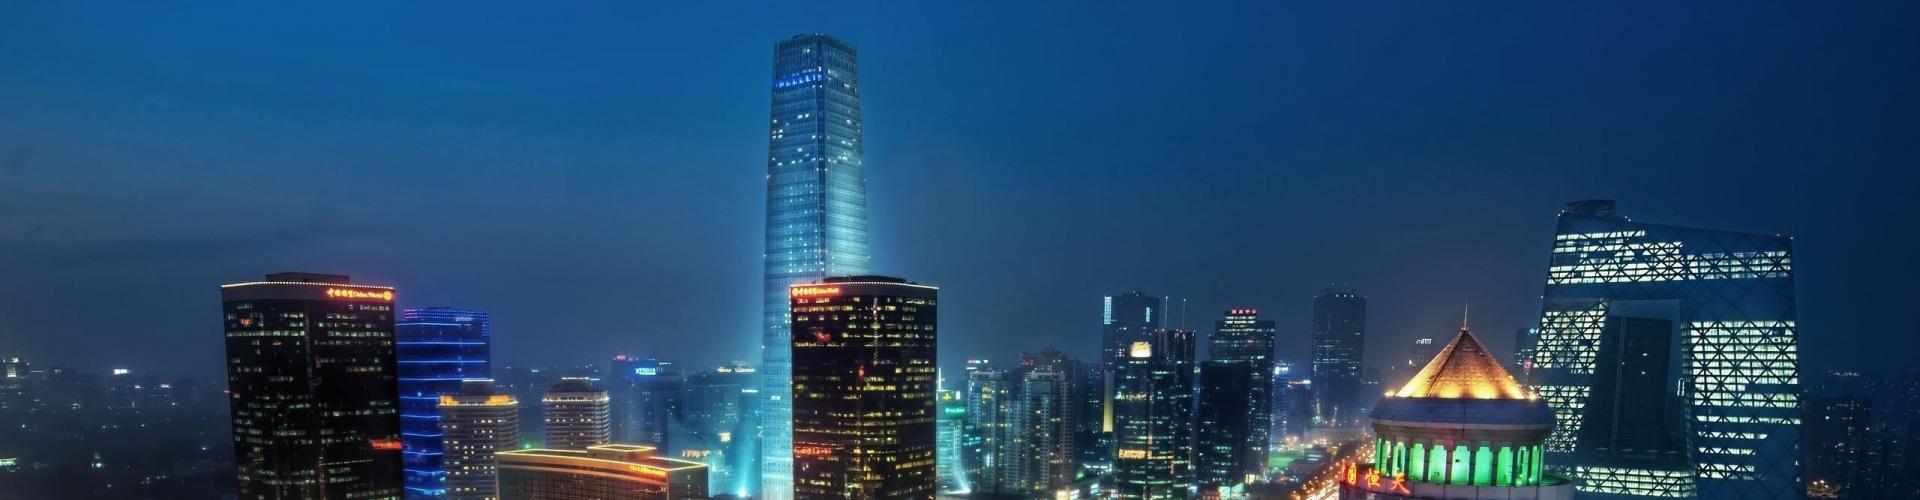 Inteligentne systemy miejskie - SMART CITY